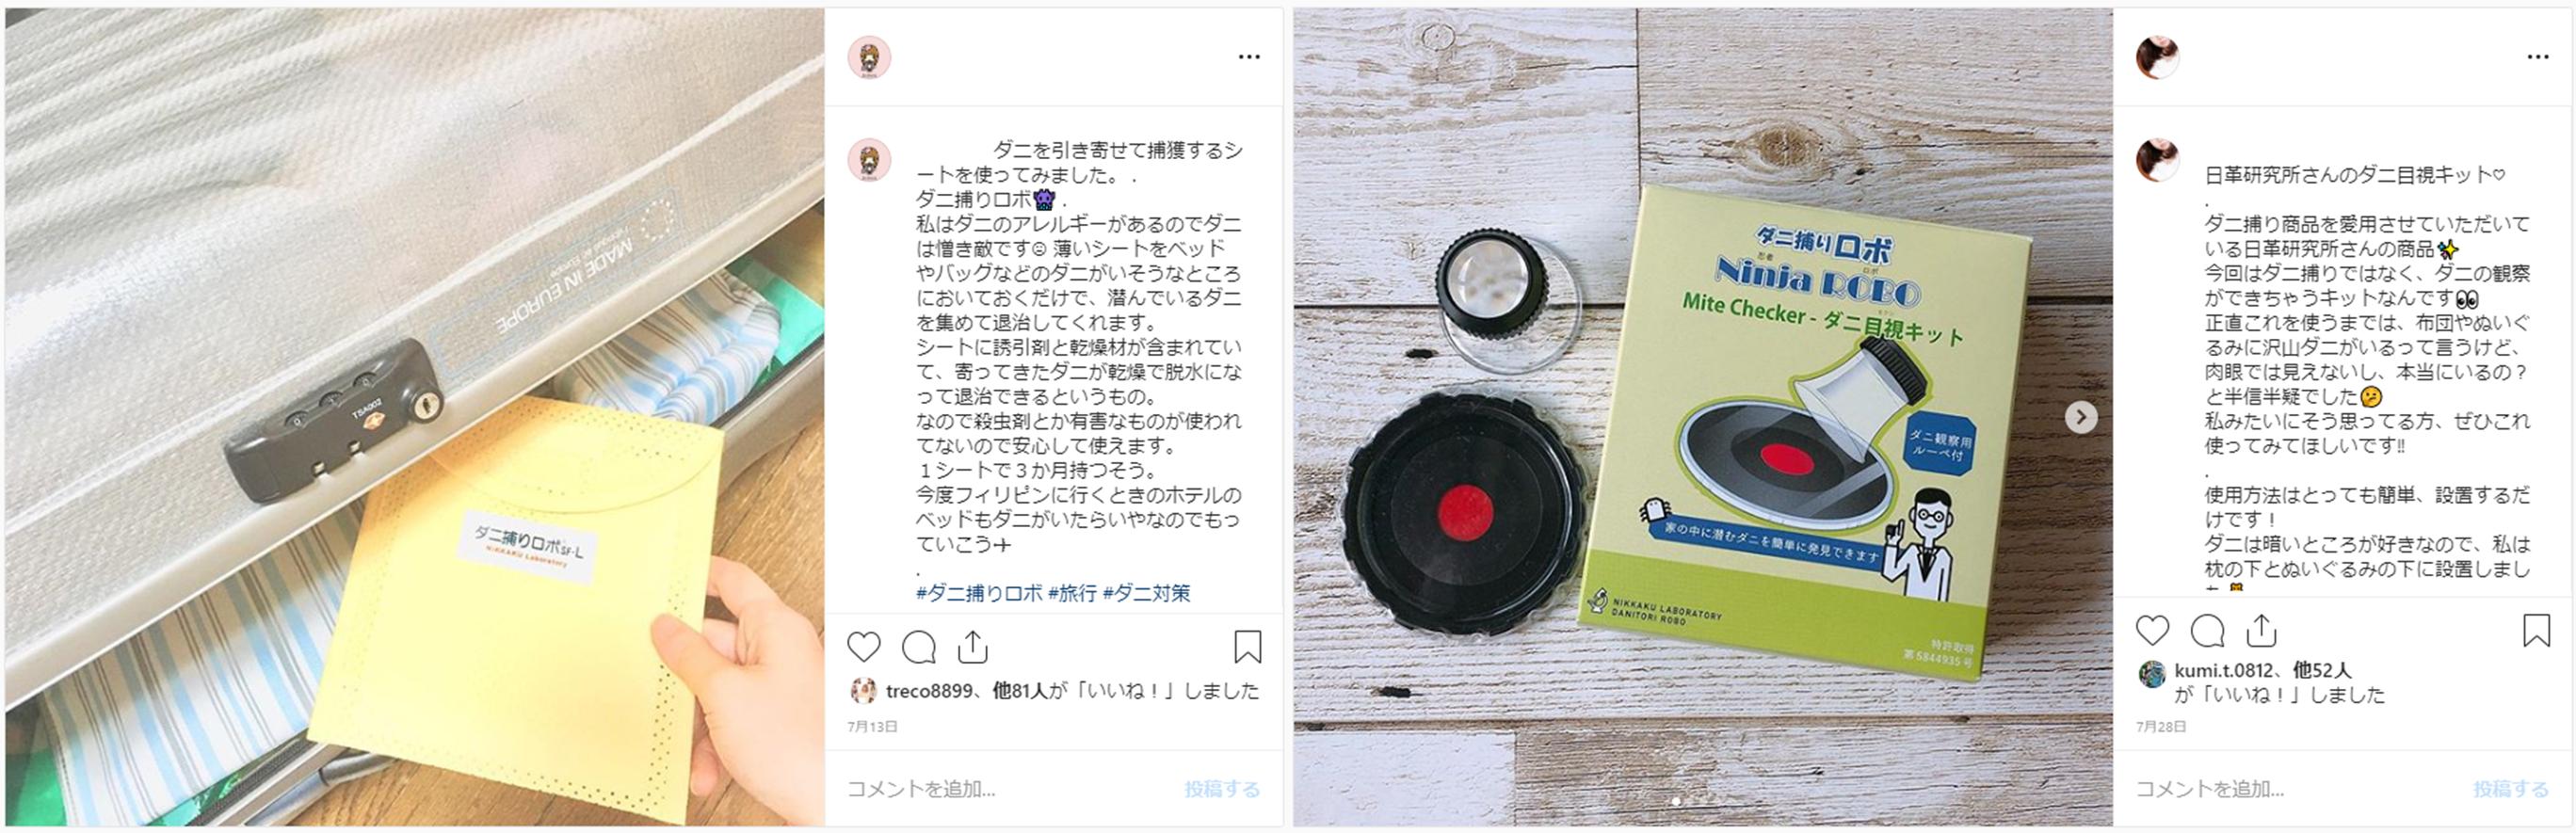 ティシビィジャパン 投稿事例